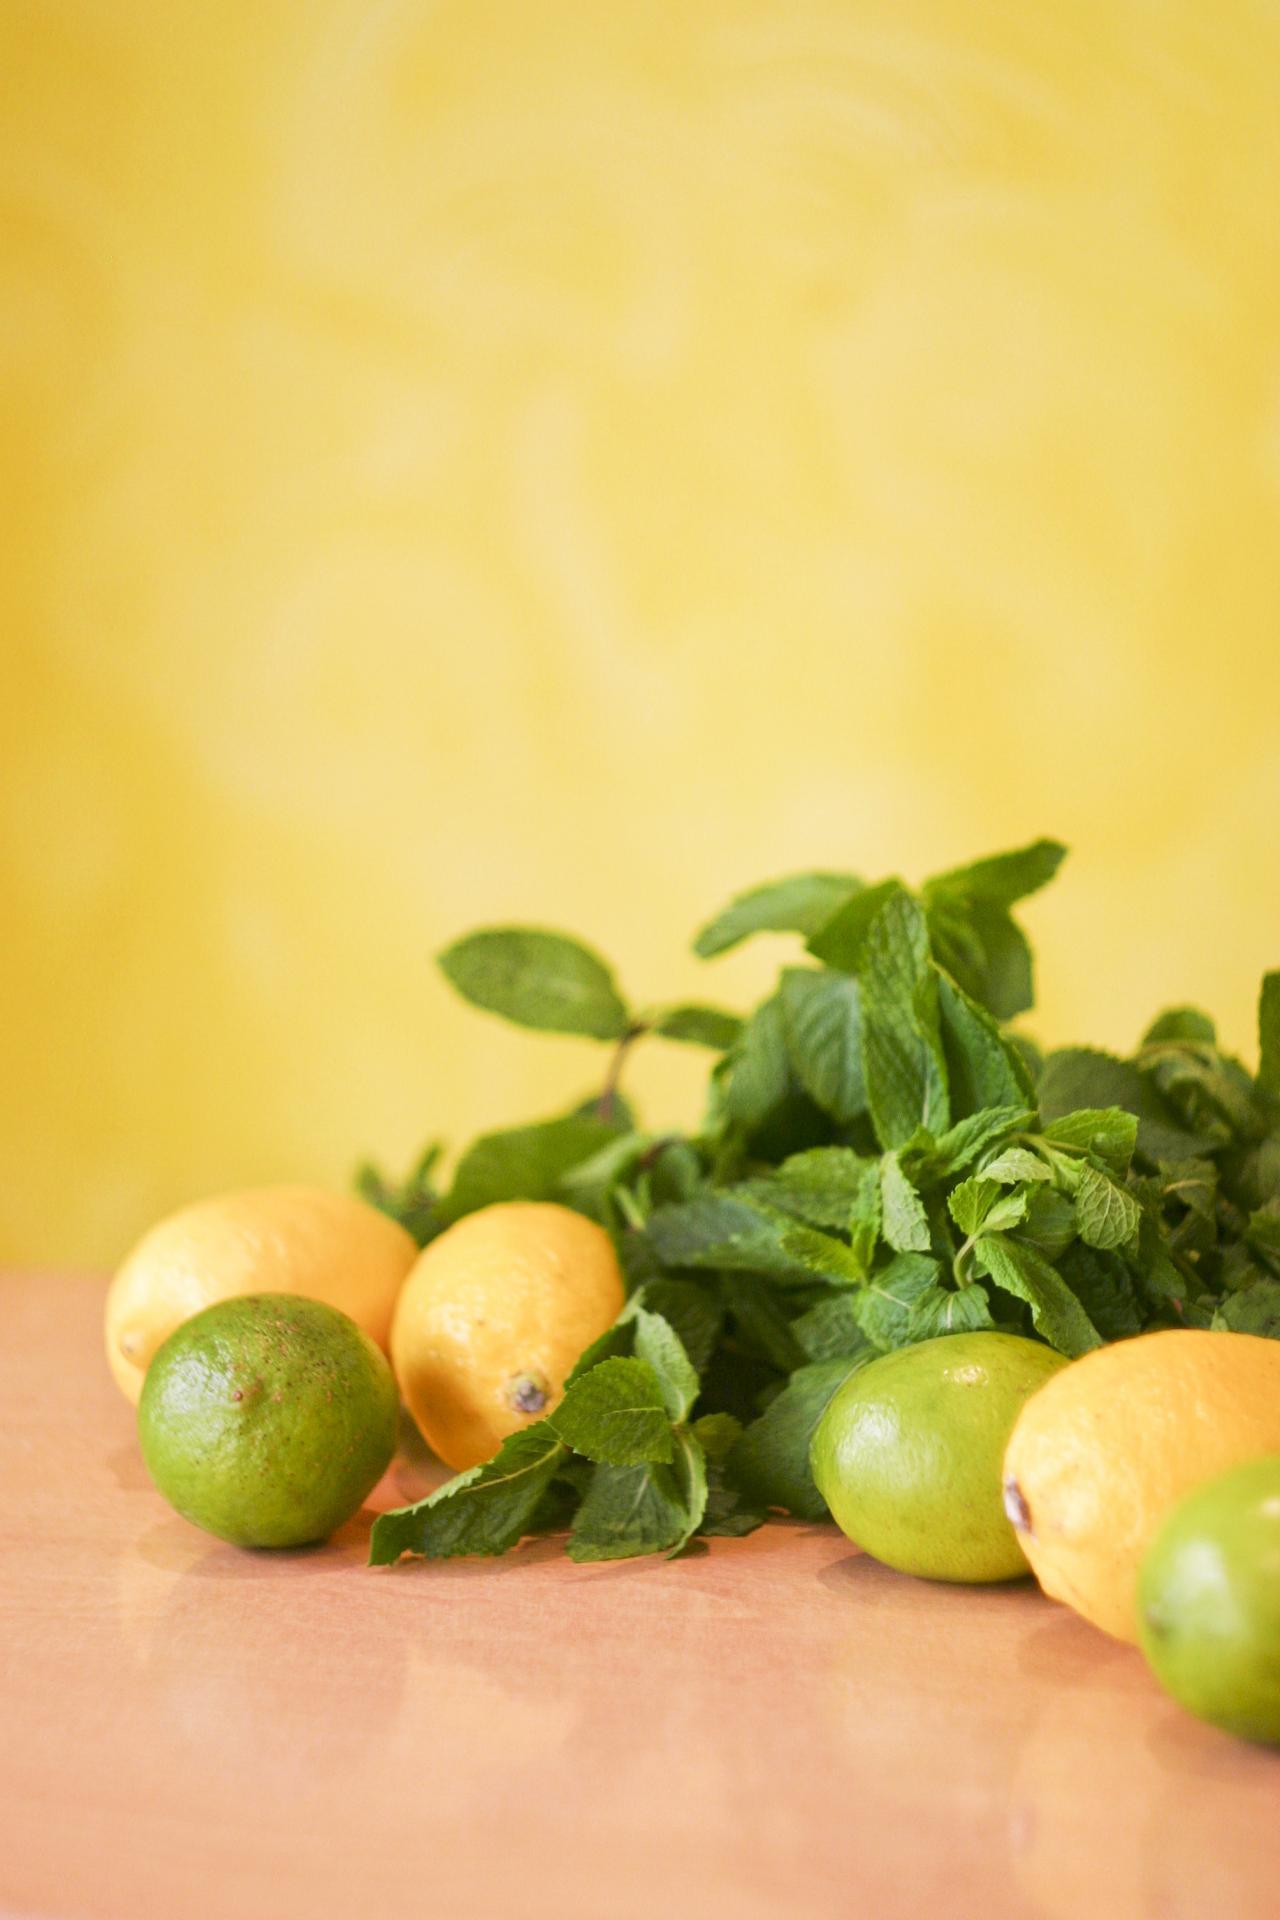 Ingrédients  citron jaune, citron vert et menthe - Savela Marseille